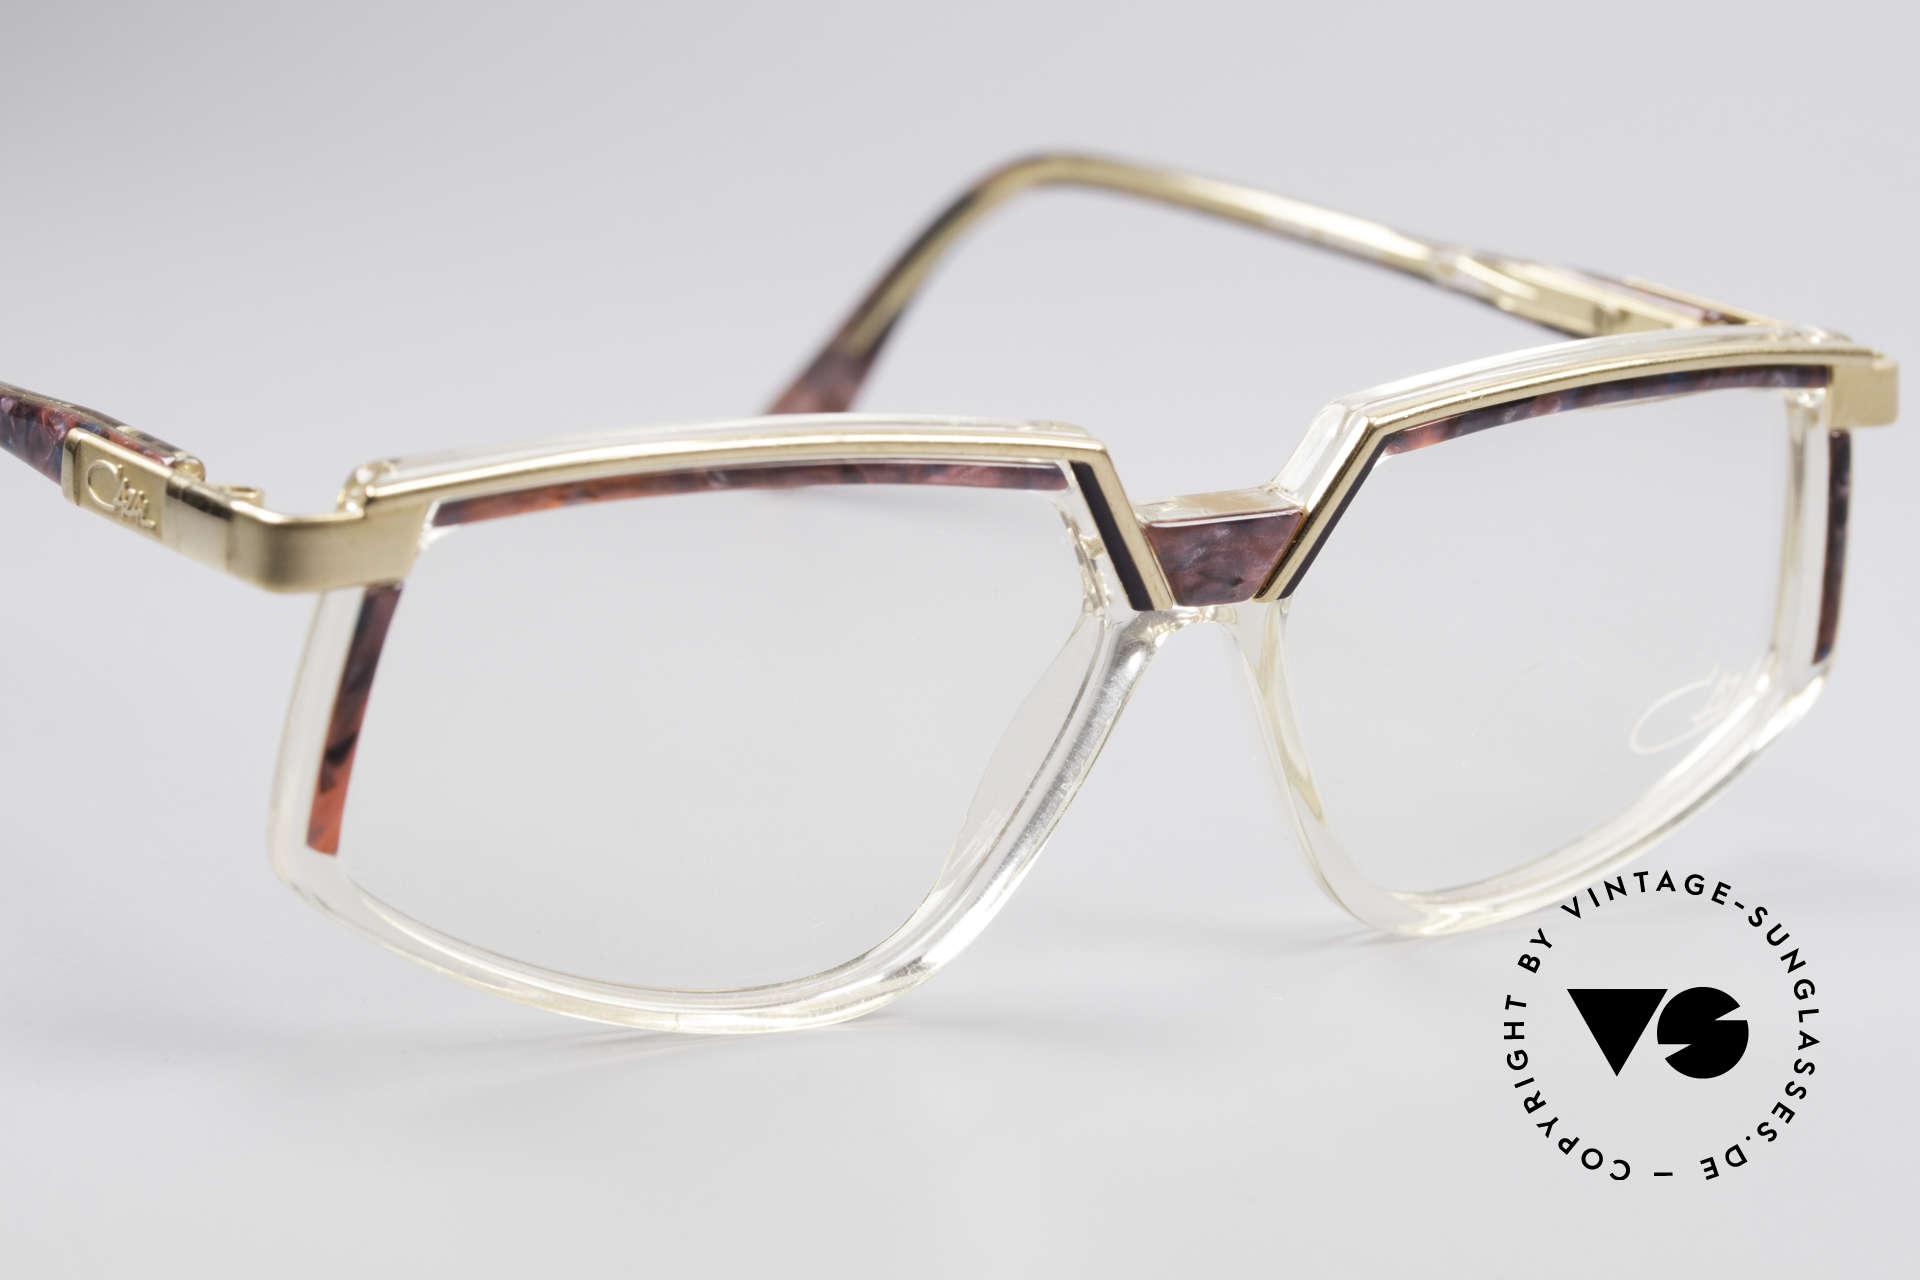 Cazal 337 Vintage Cazal No Retro Frame, unworn, NOS (like all our rare vintage Cazal eyewear), Made for Women